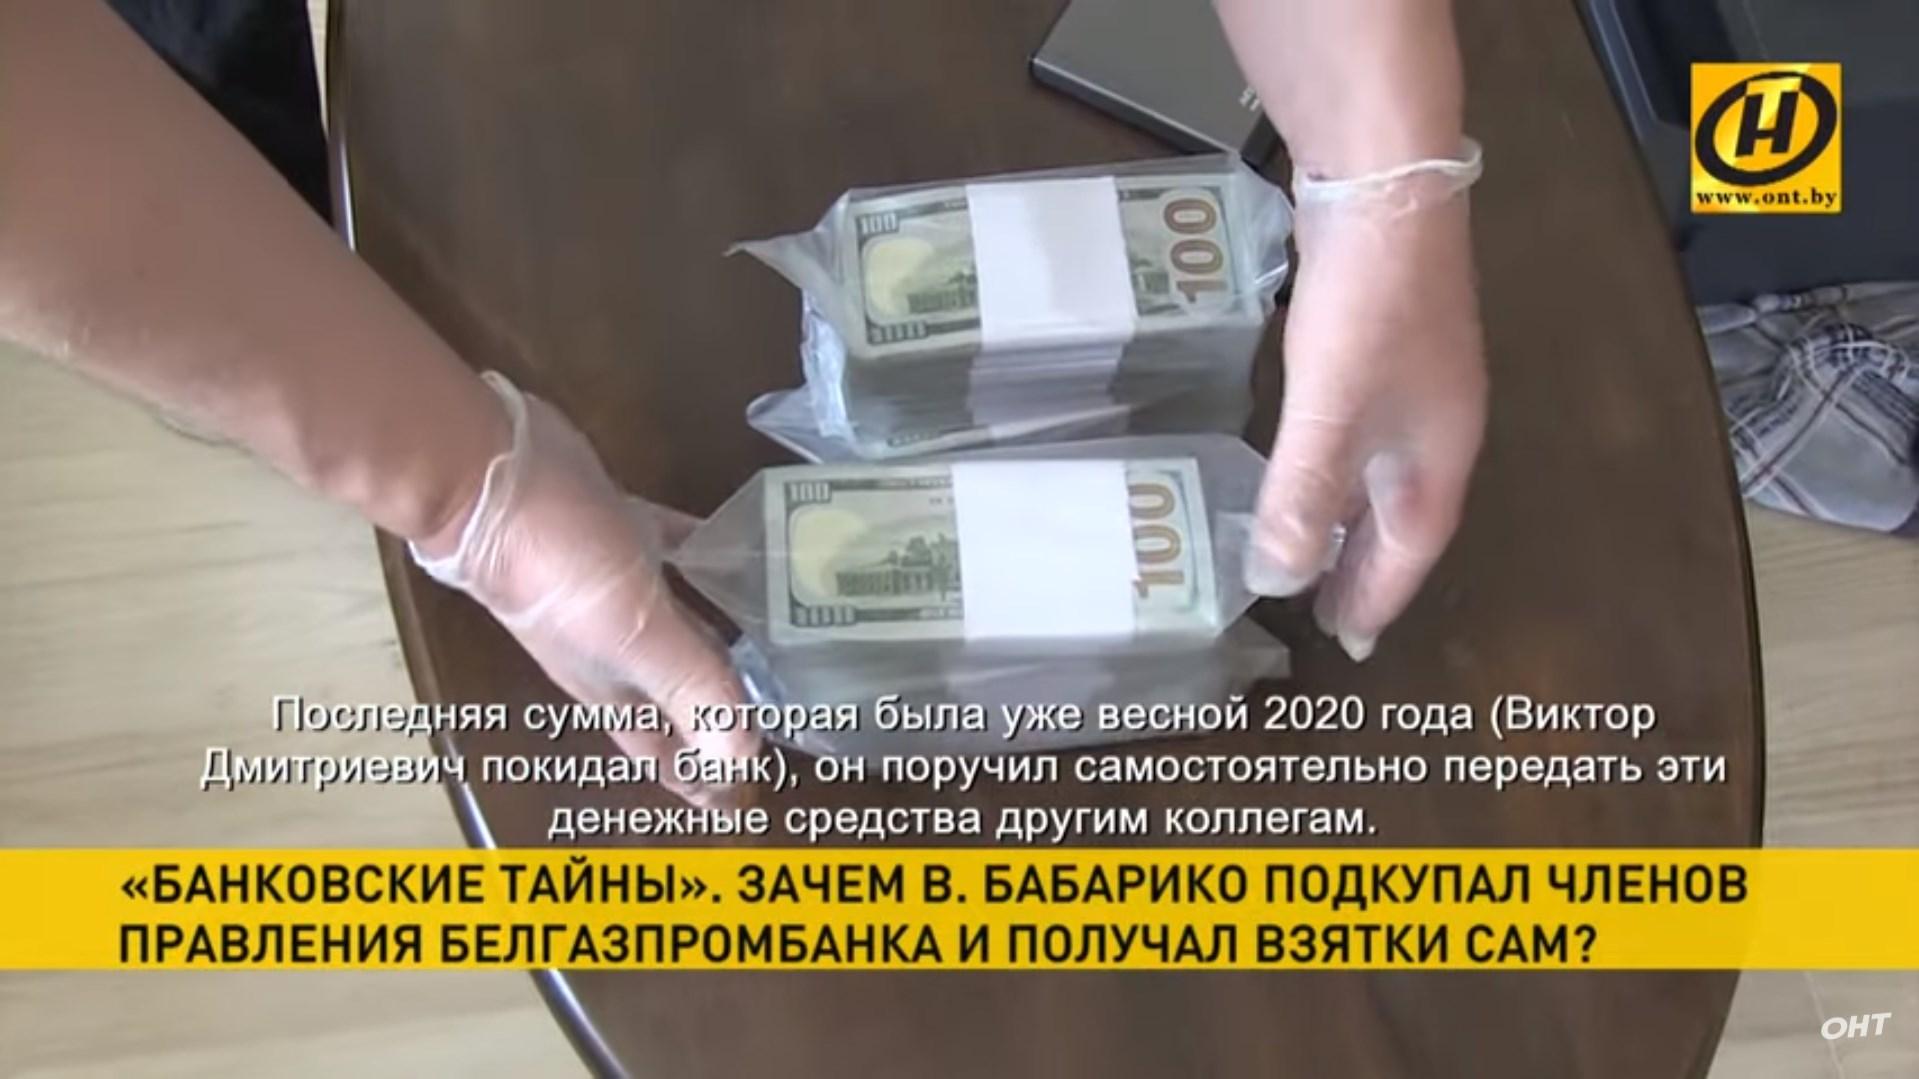 Дело Белгазпромбанка: откаты, фирмы для отмывания денег, офшоры - расследование ОНТ